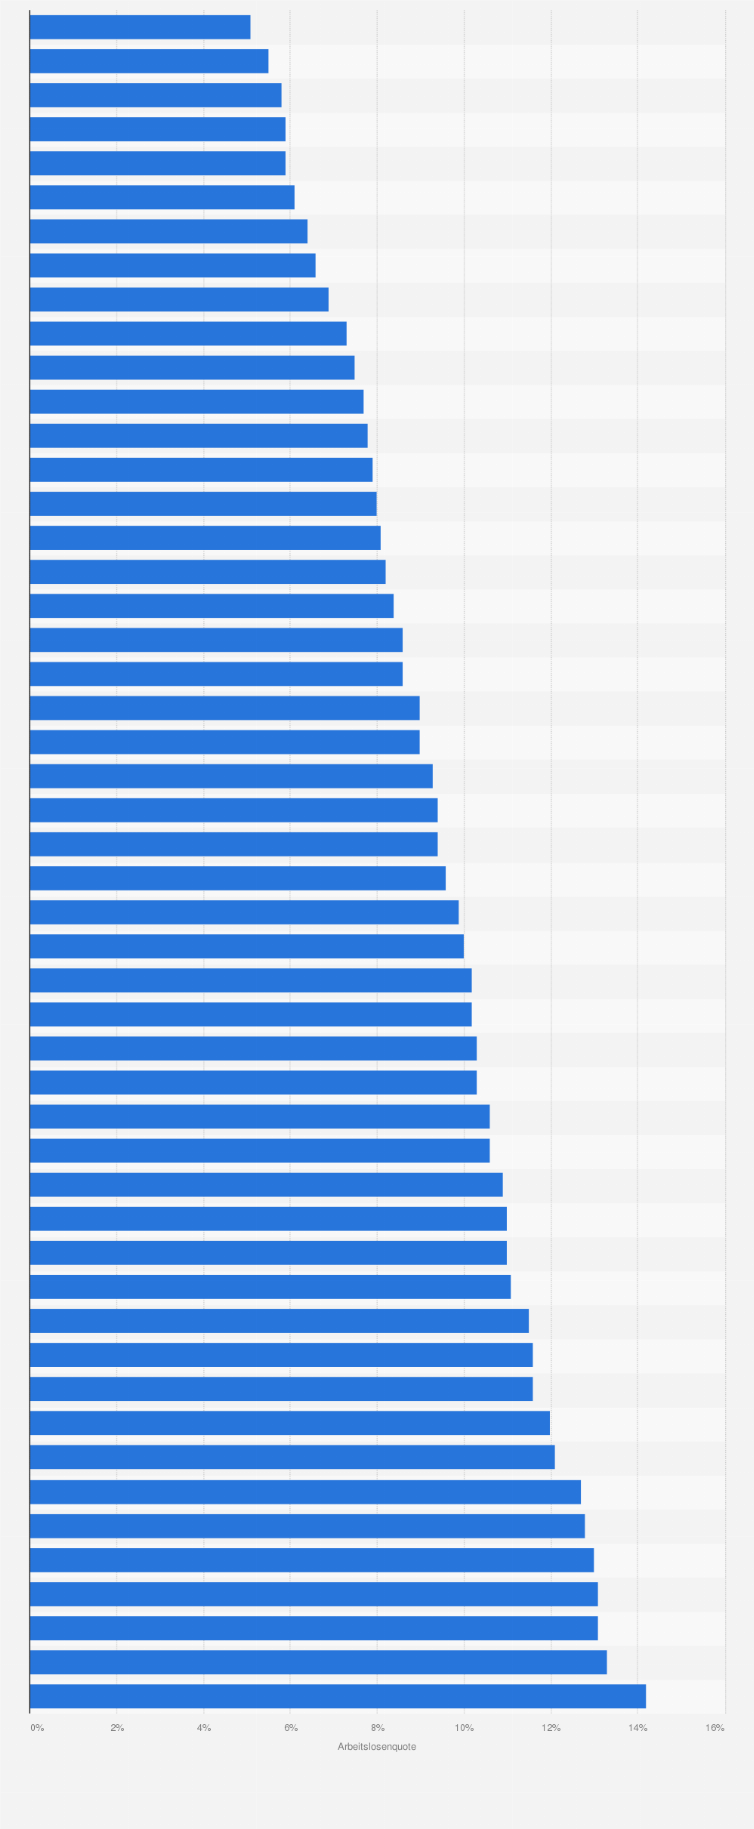 Arbeitslosenquoten in den größten Städten in Deutschland 2011 ...